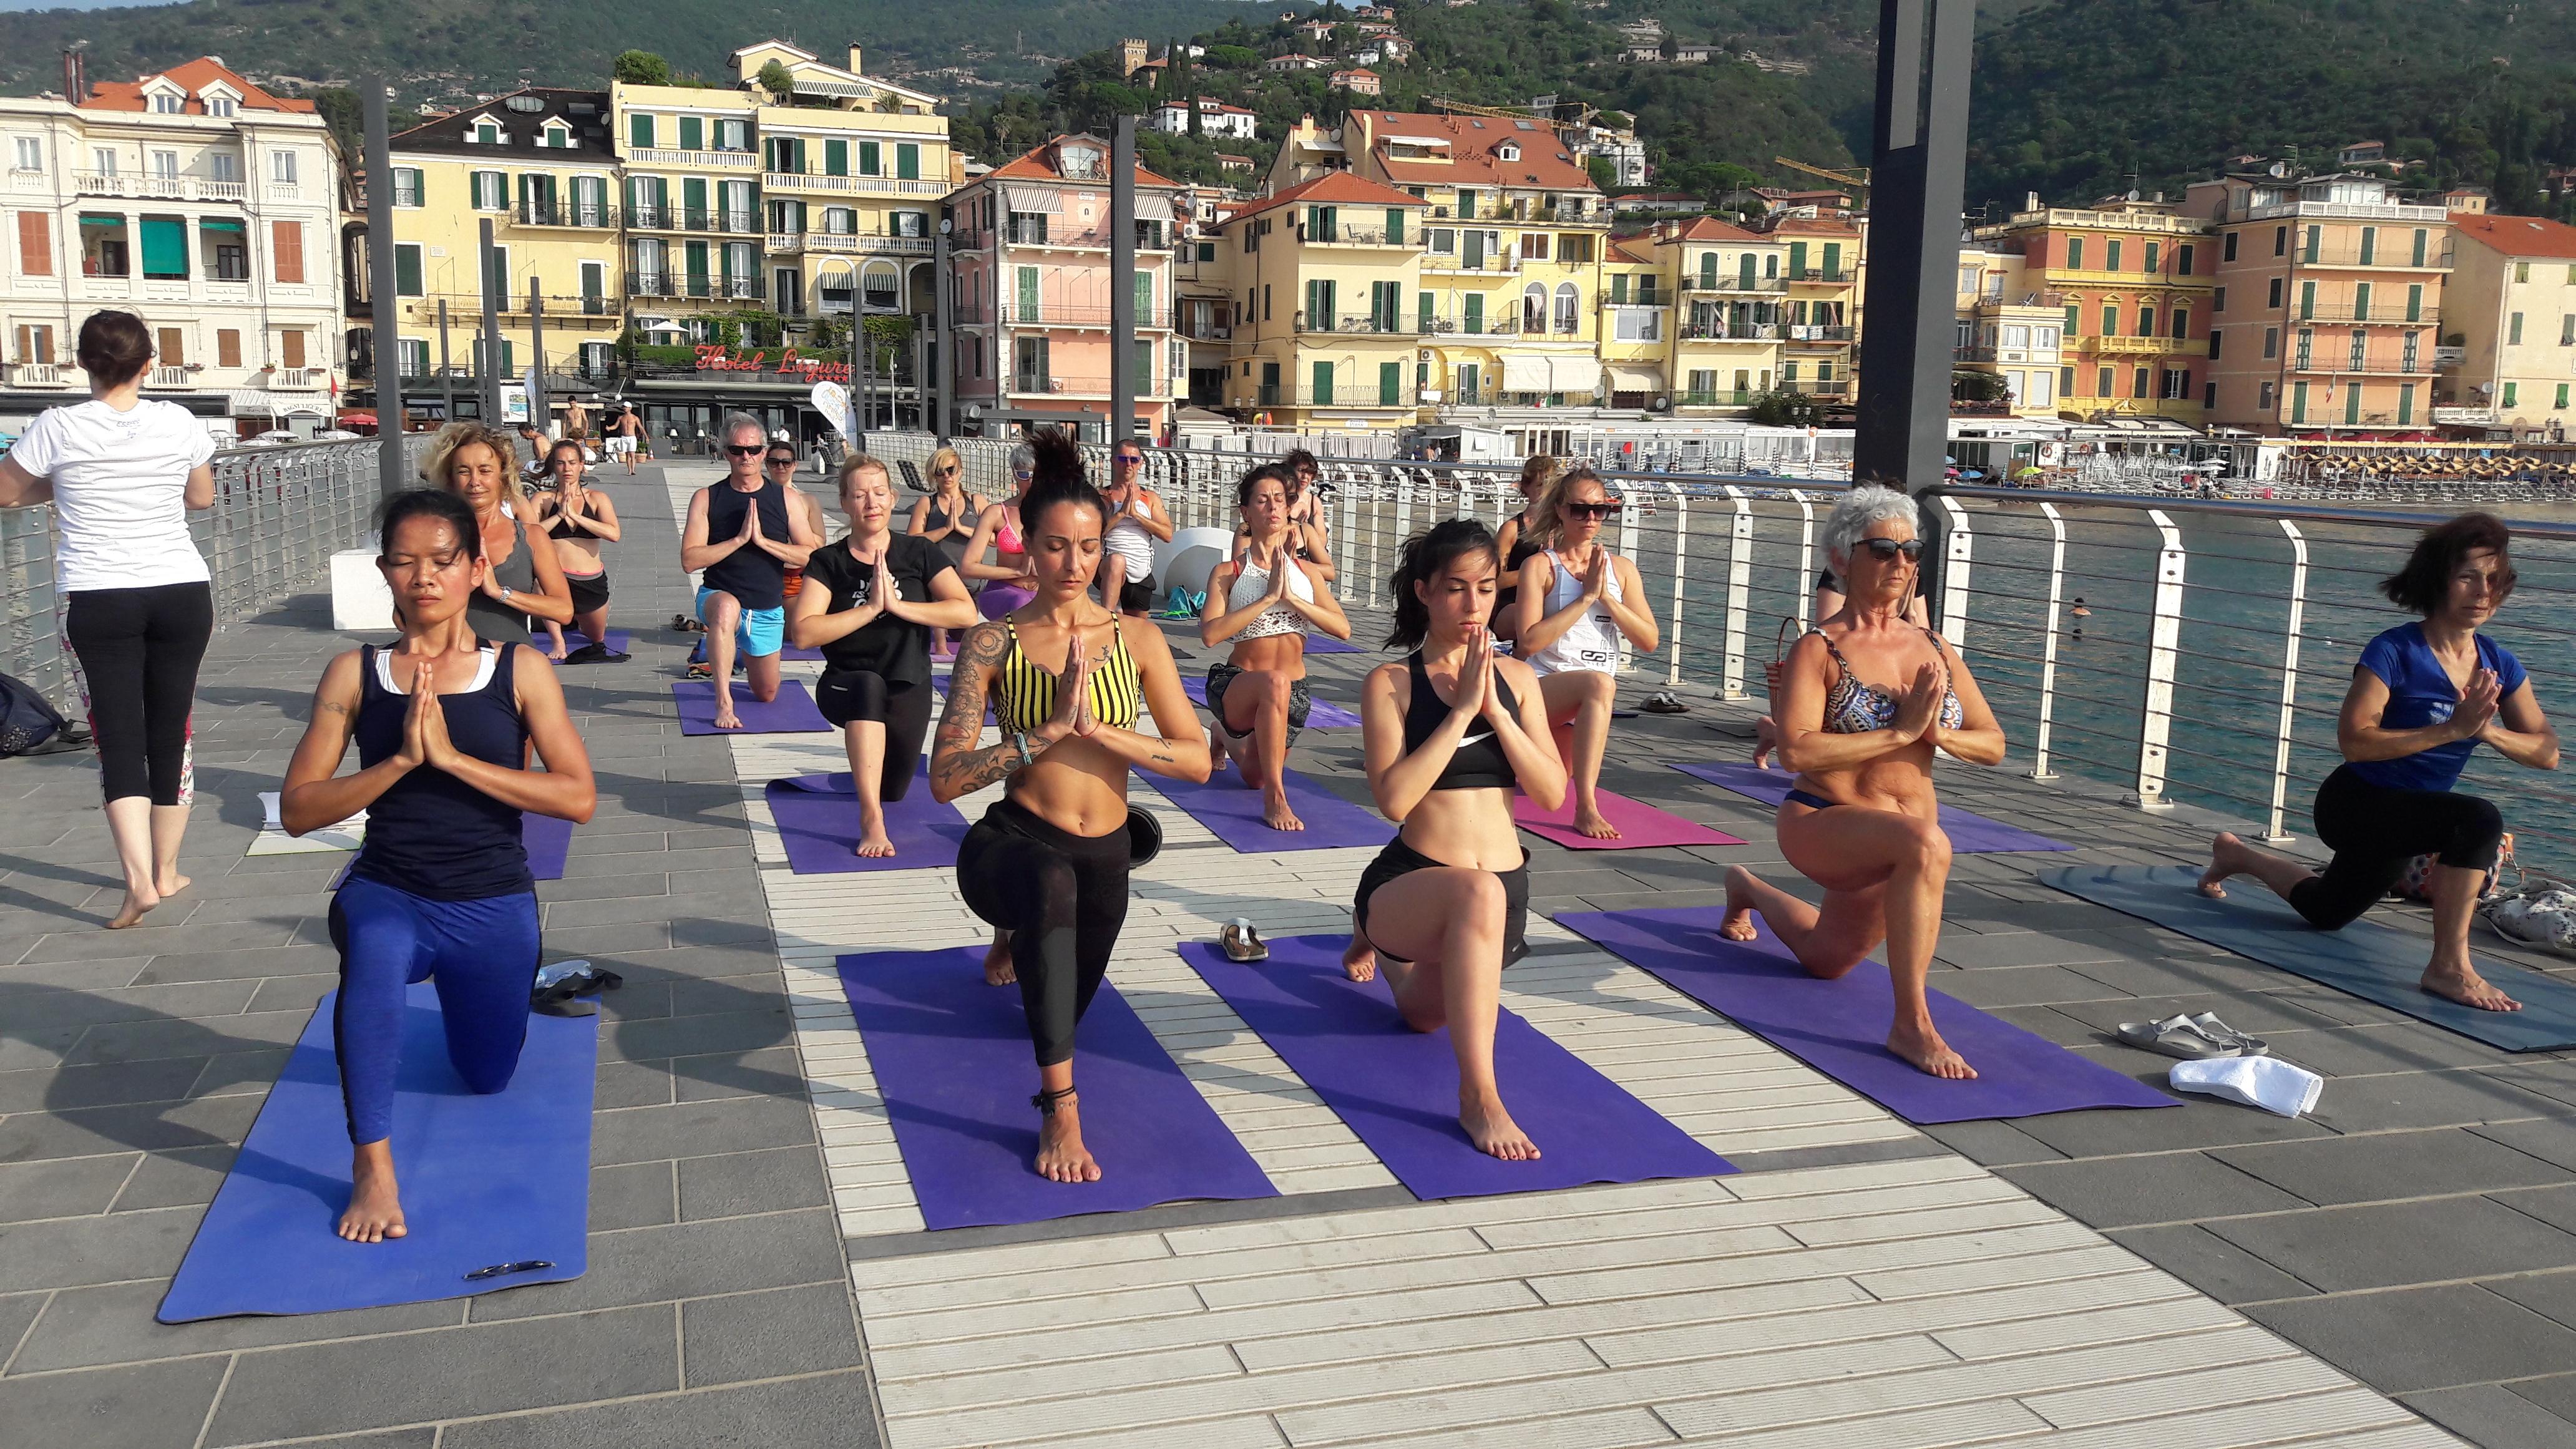 essere-free-yoga-gratuito-benessere-per-tutti-village-citta-alassio-estate-lucia-ragazzi-summer-town-wellness-031